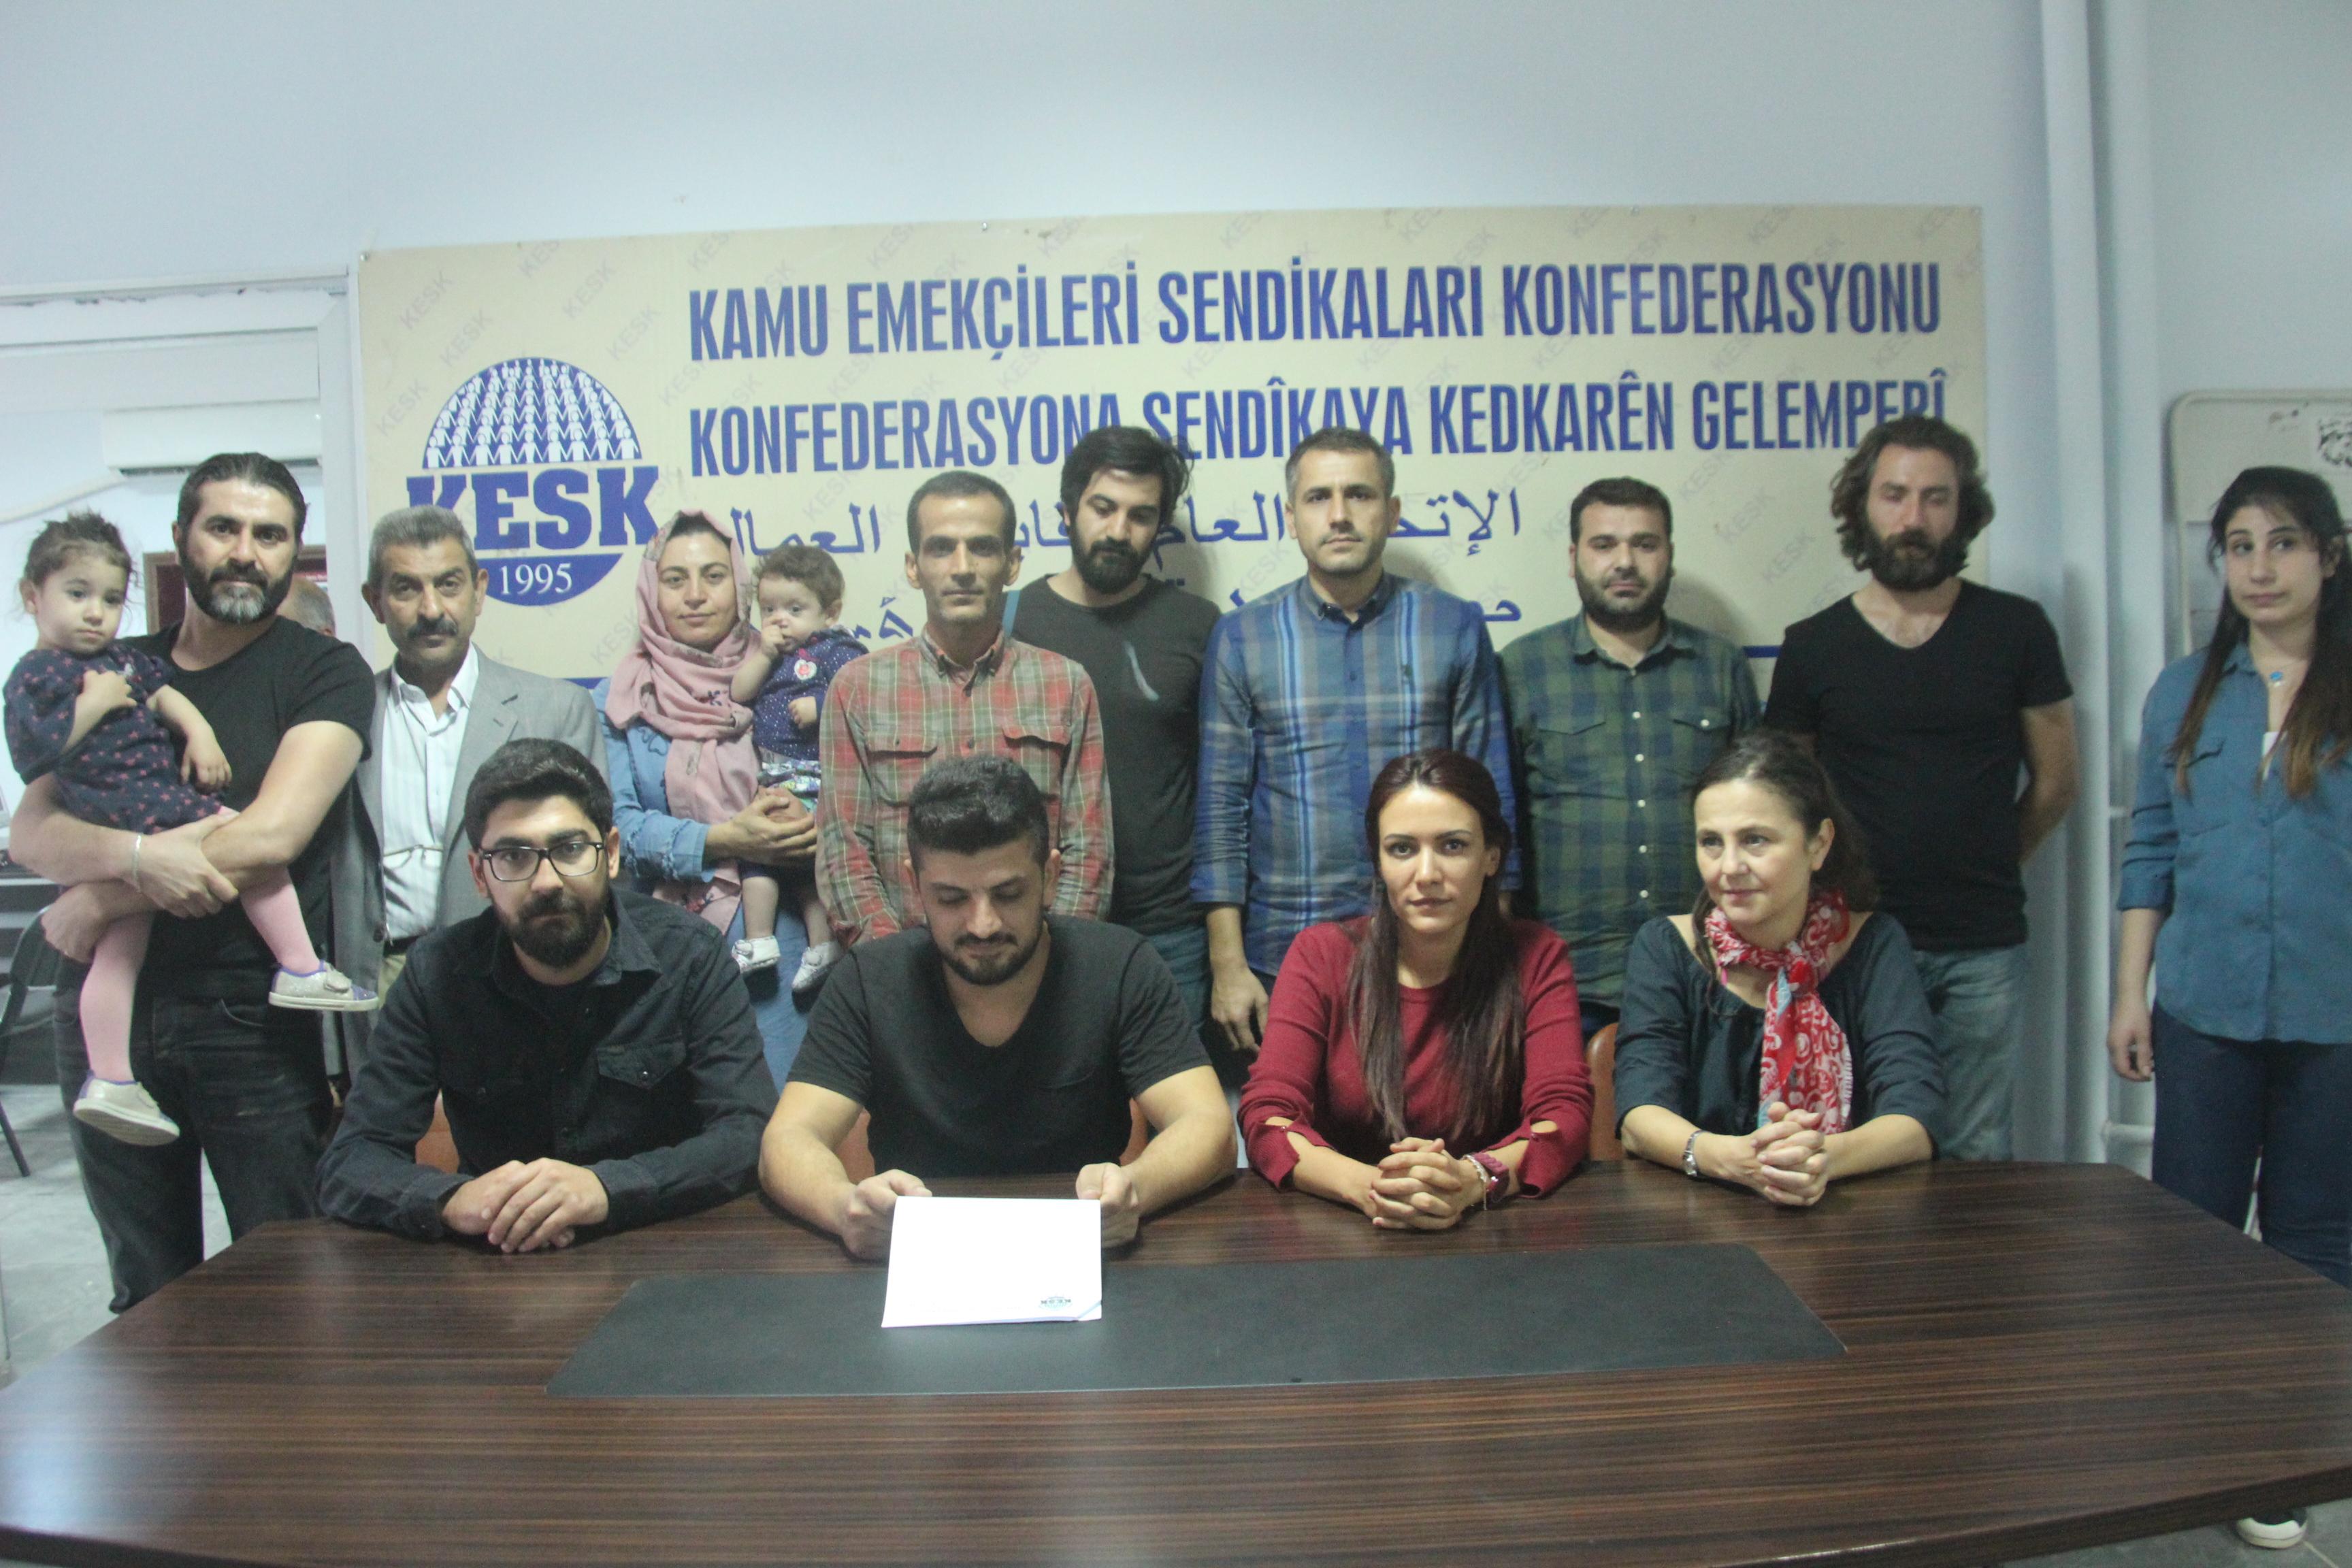 Mardin Şubemiz: 'Sağlıkta Şiddet Yasası' Teklifine Karşı Mücadele Edeceğiz